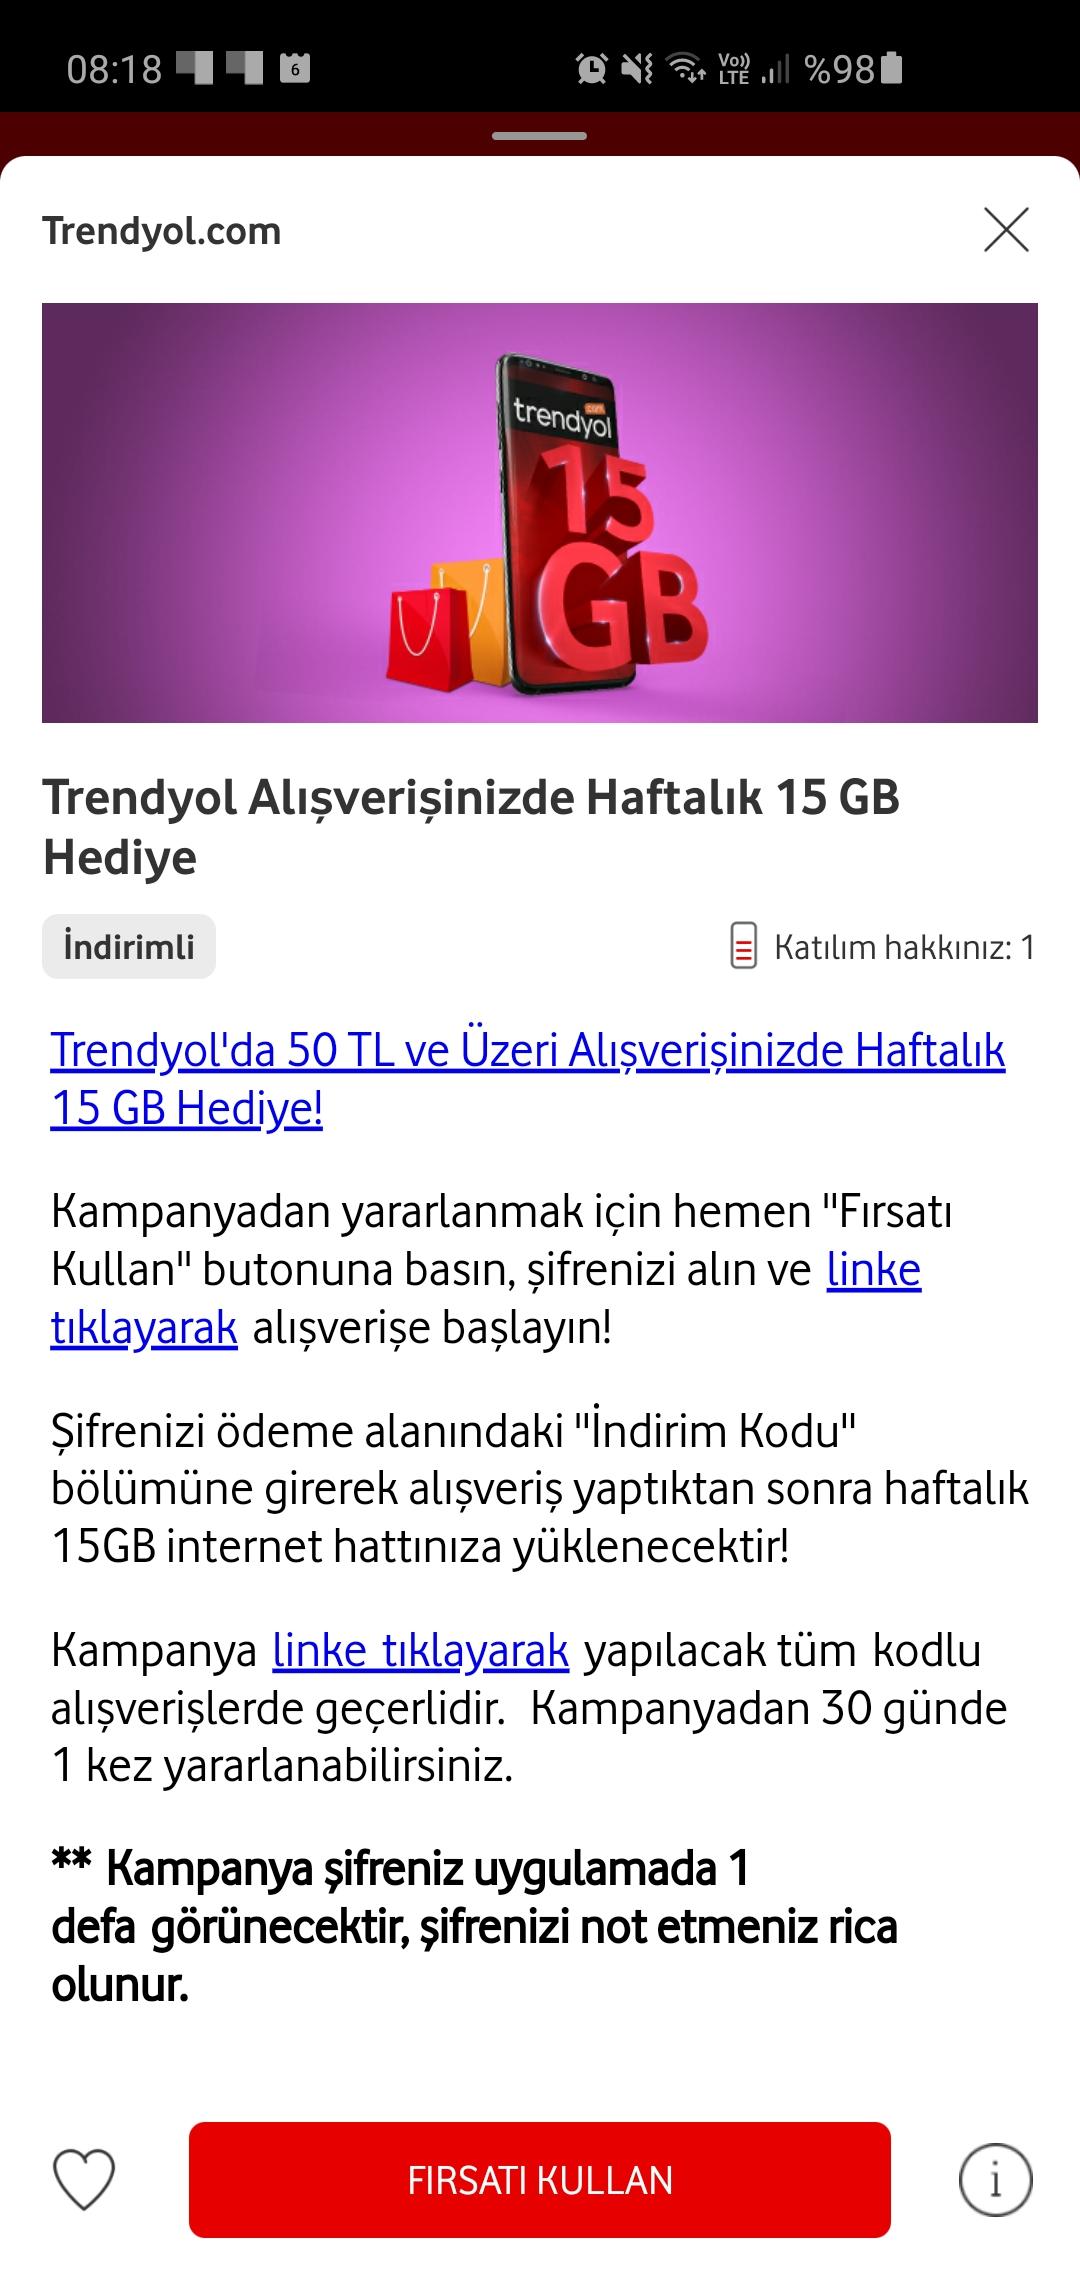 Trendyol Alışverişine 15GB Hediye - Vodafone Yanımda Kupon Kodu